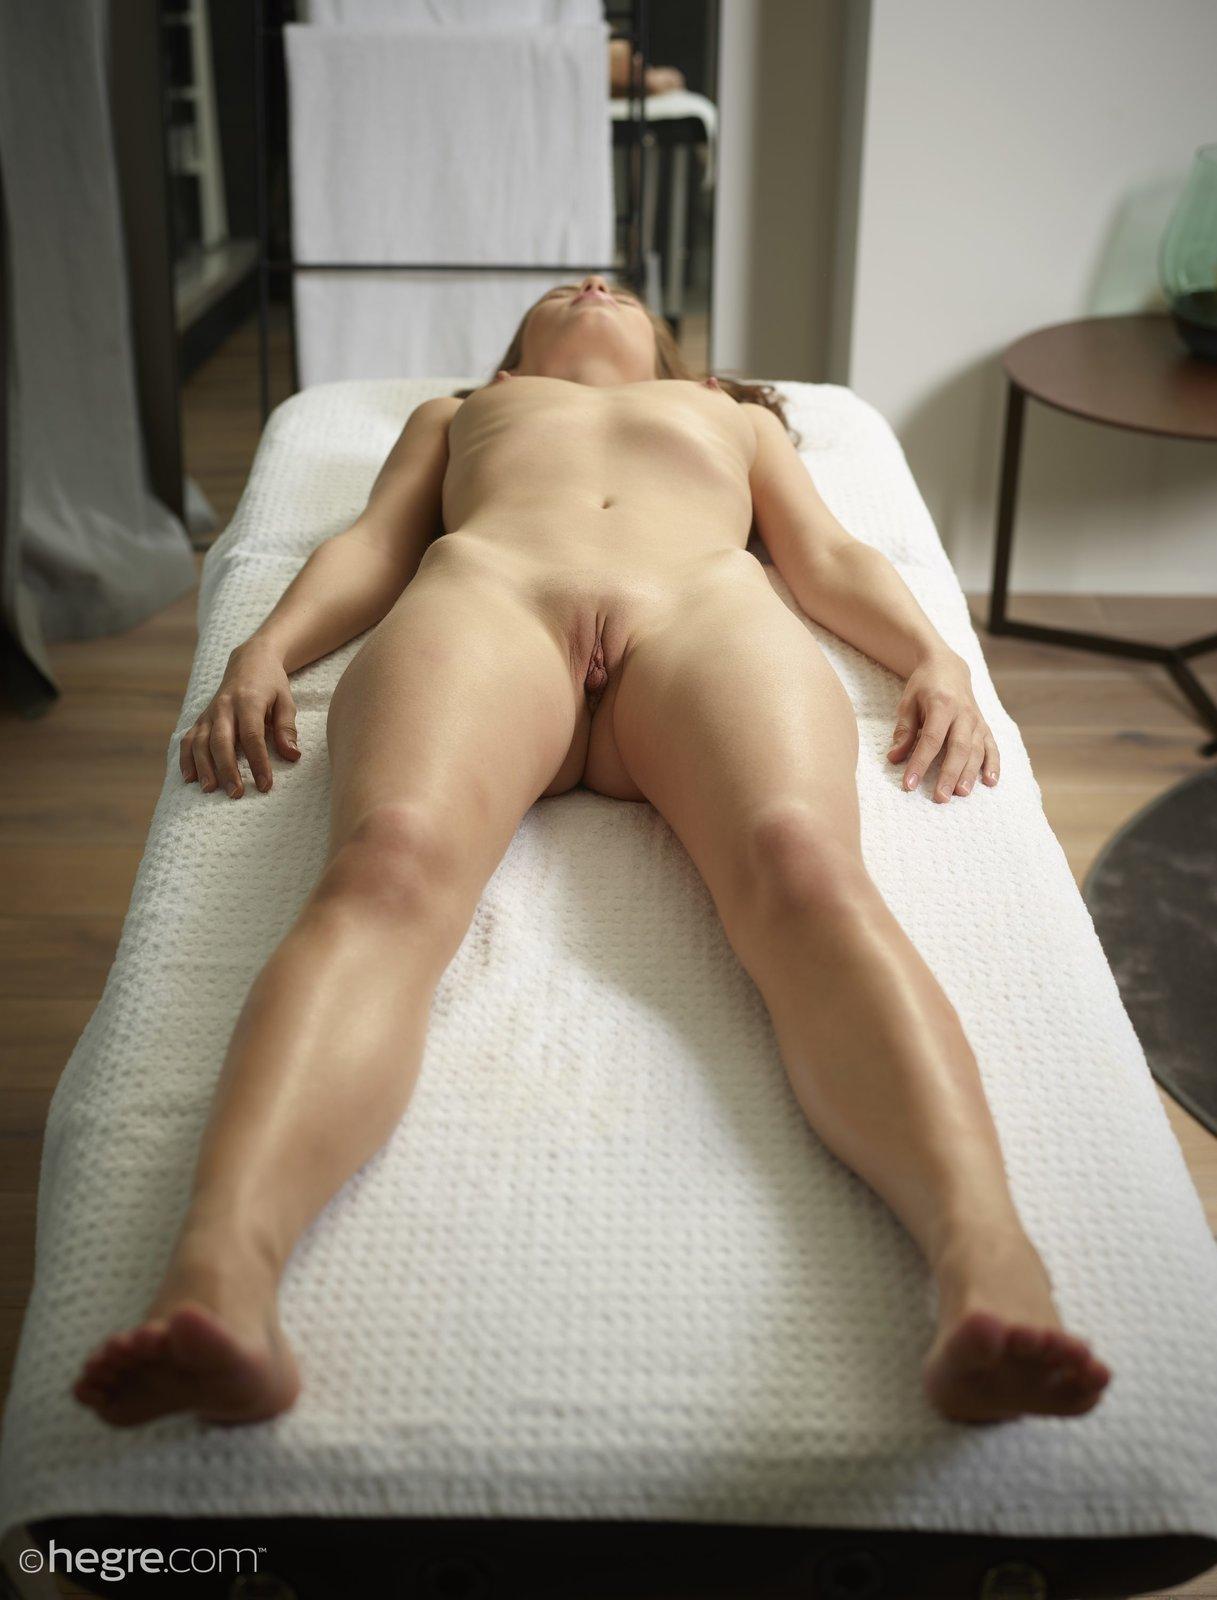 Красивая голая девушка на массажном столе